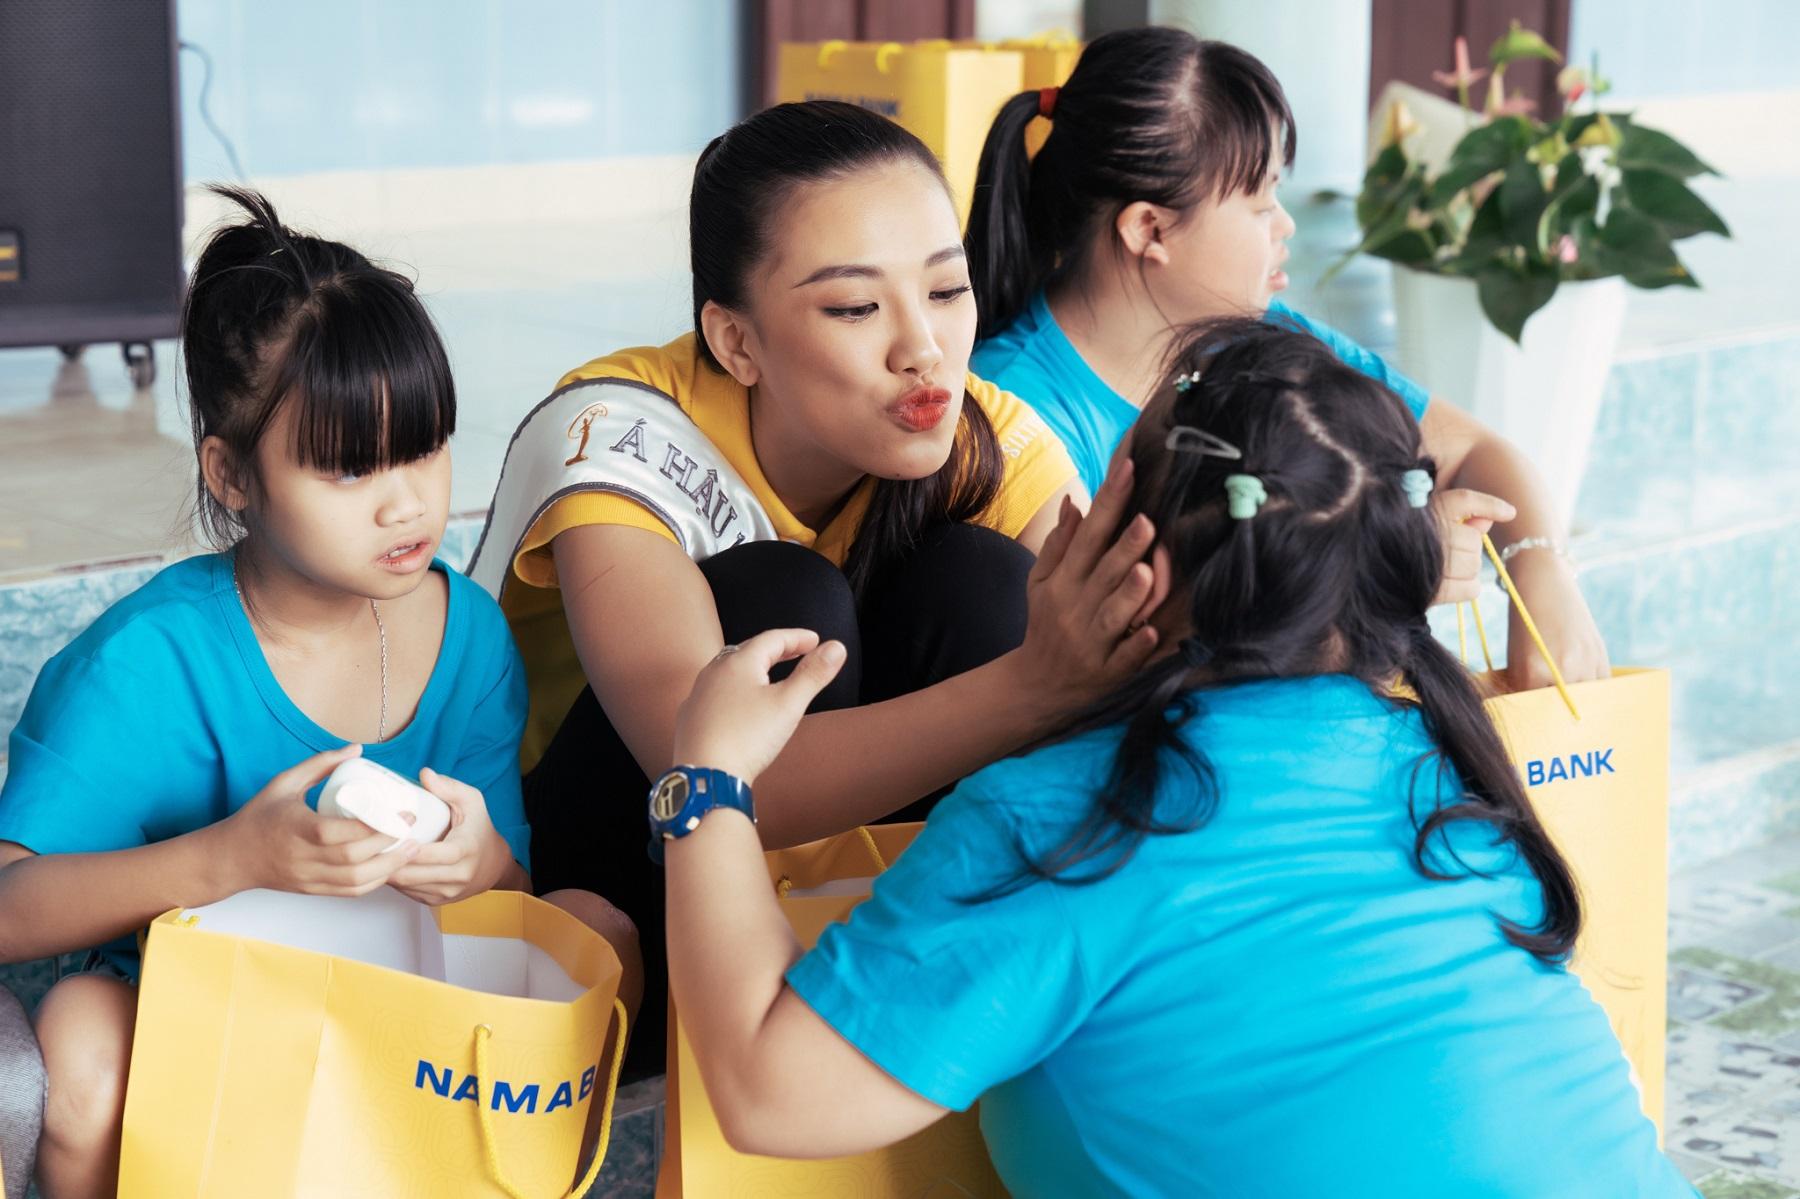 Nam A Bank đồng hành cùng Tân Hoa hậu Hoàn vũ Việt Nam 2019 trao quà cho trẻ em tại mái ấm hy vọng  - ảnh 1